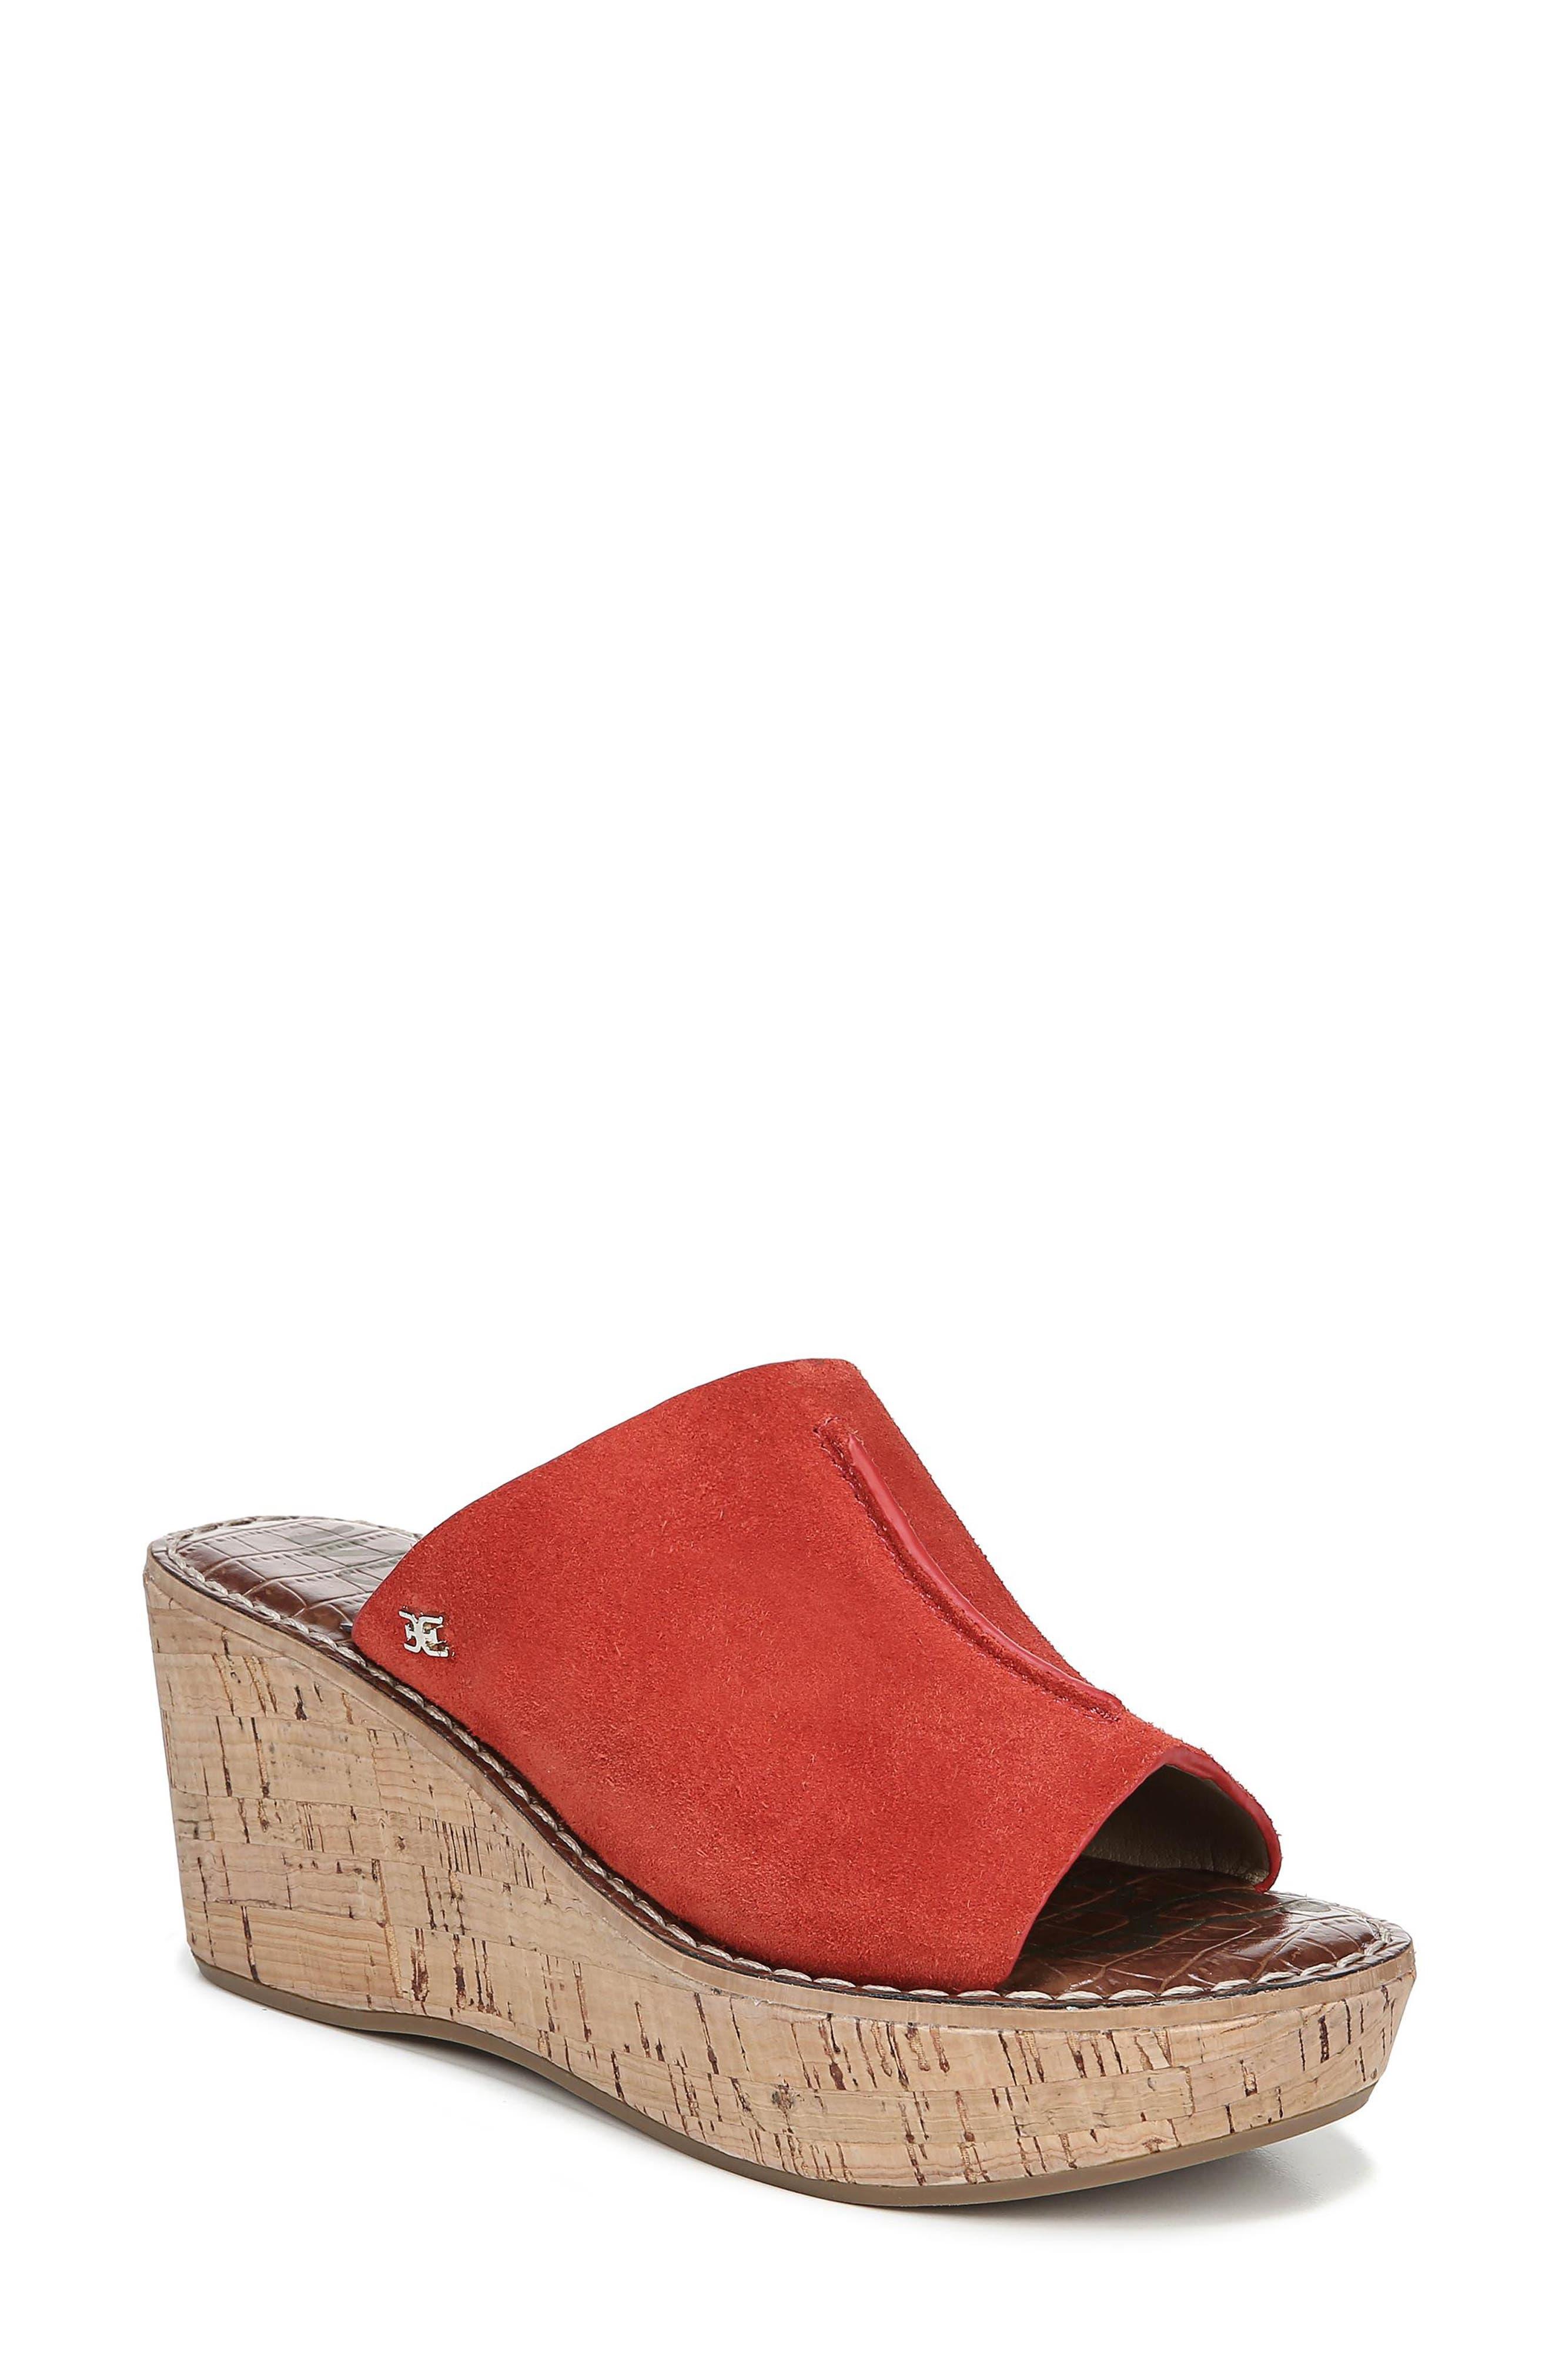 Ranger Platform Sandal,                         Main,                         color, CANDY RED SUEDE